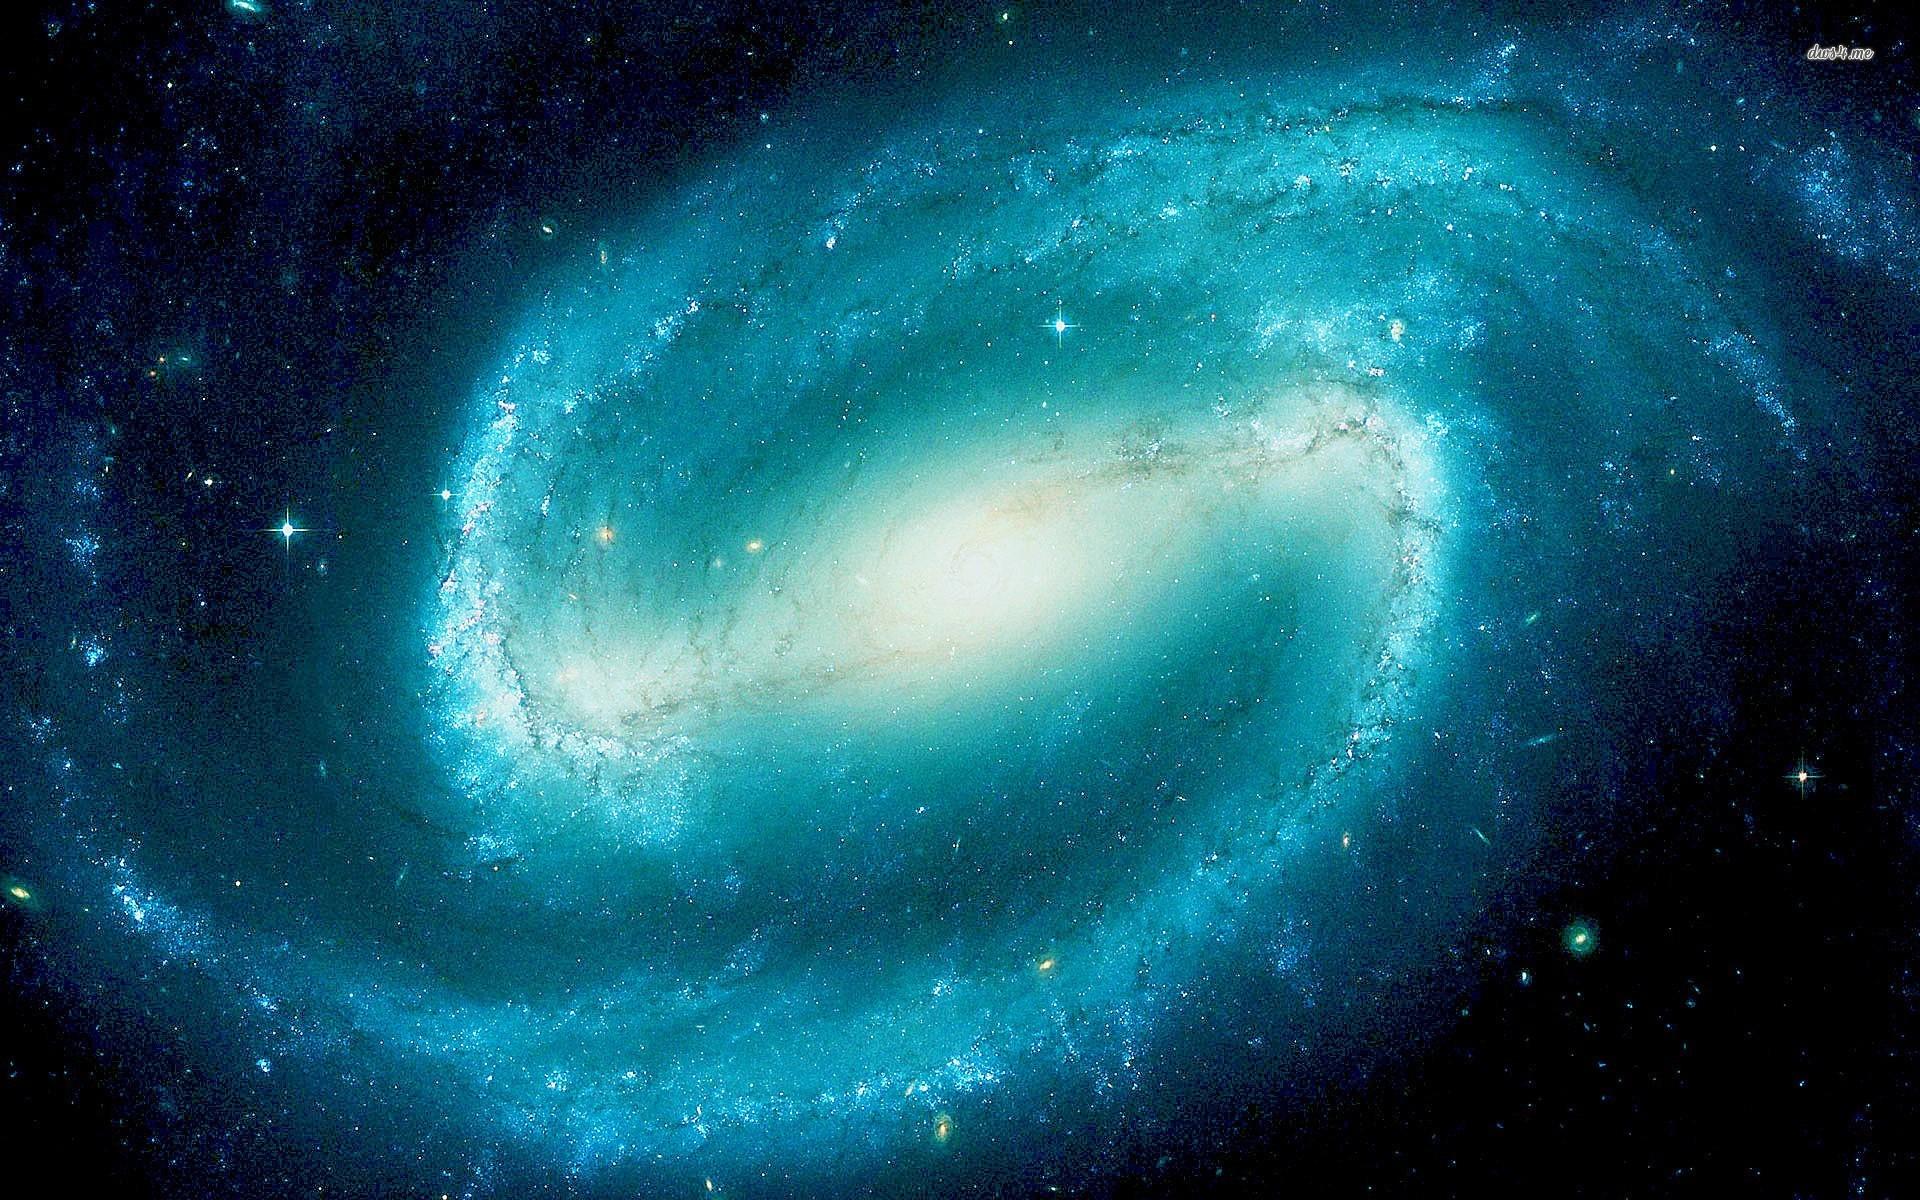 Xanctum_galaxy